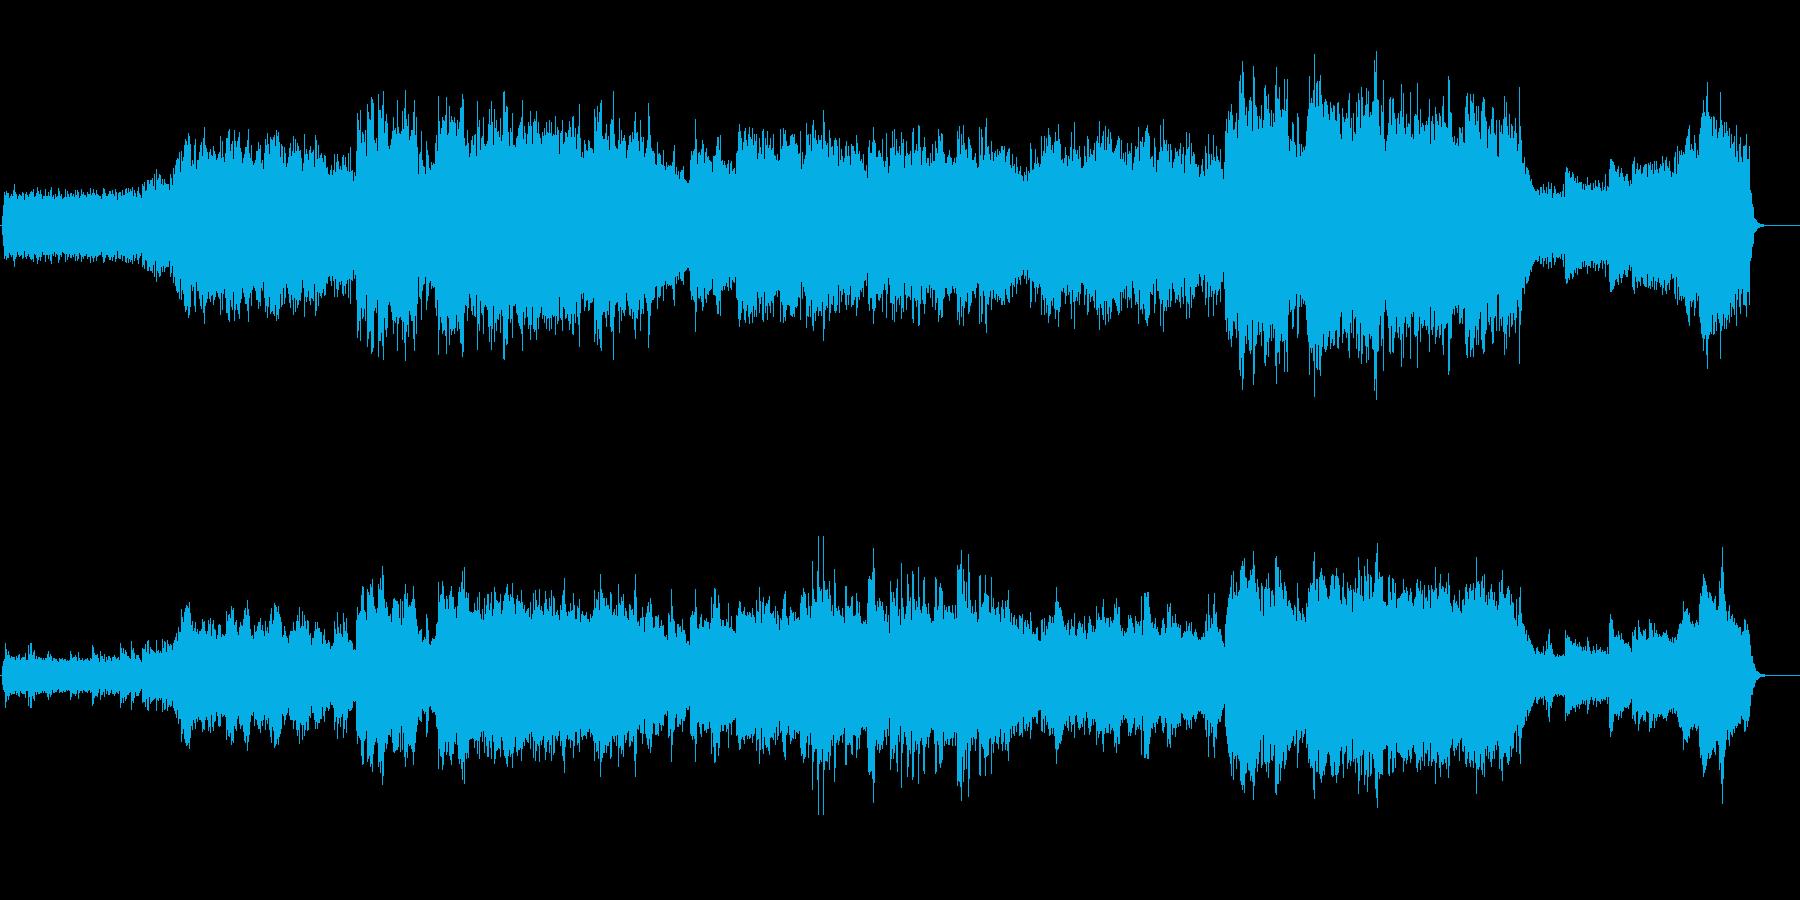 愛と感動のマリッジ・ソングの再生済みの波形